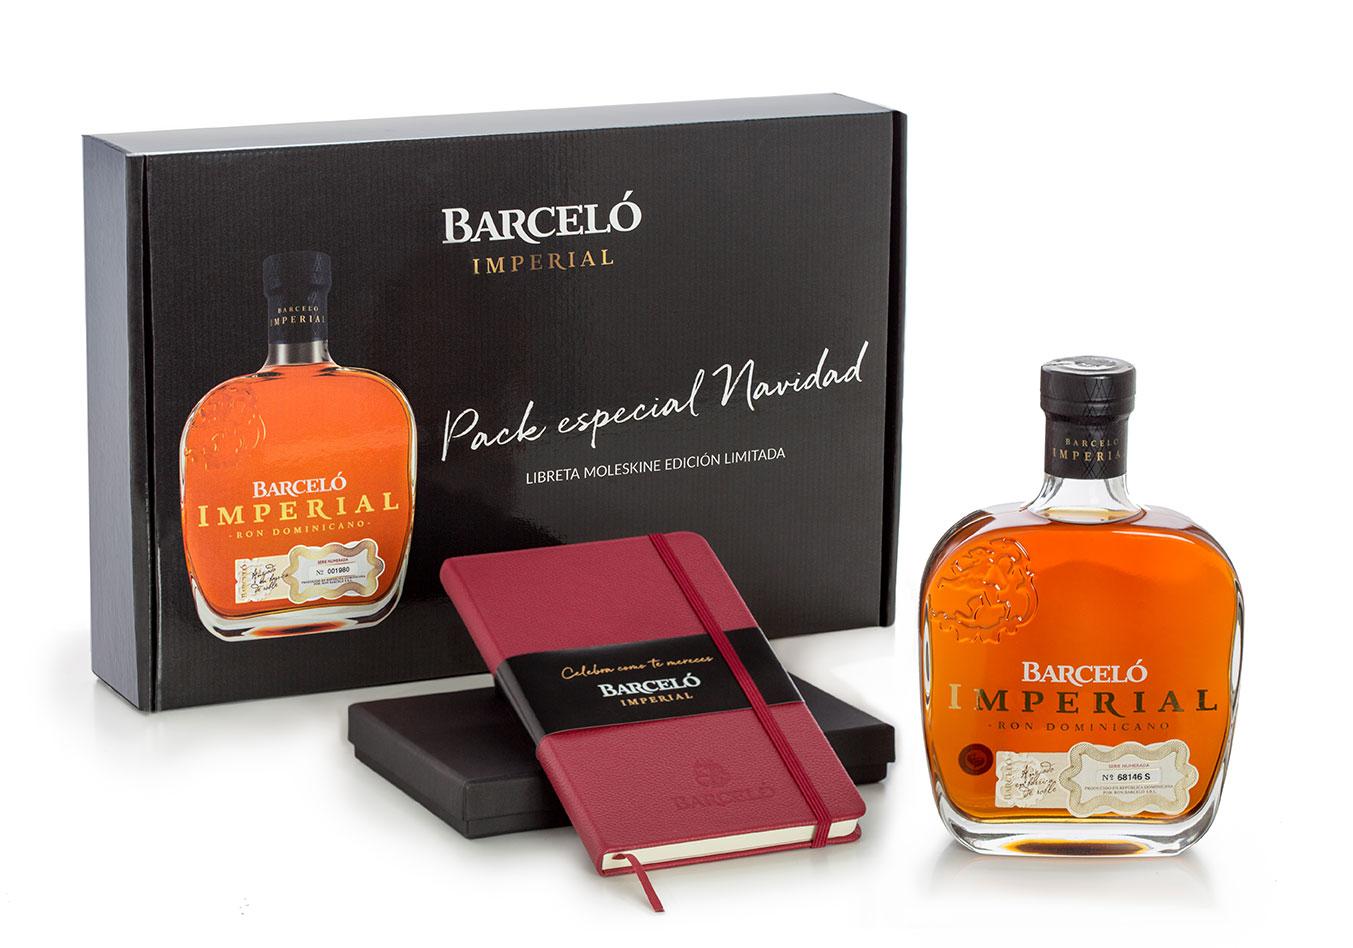 Barceló Imperial y Moleskine crean el regalo perfecto para empezar 2021 con buena letra